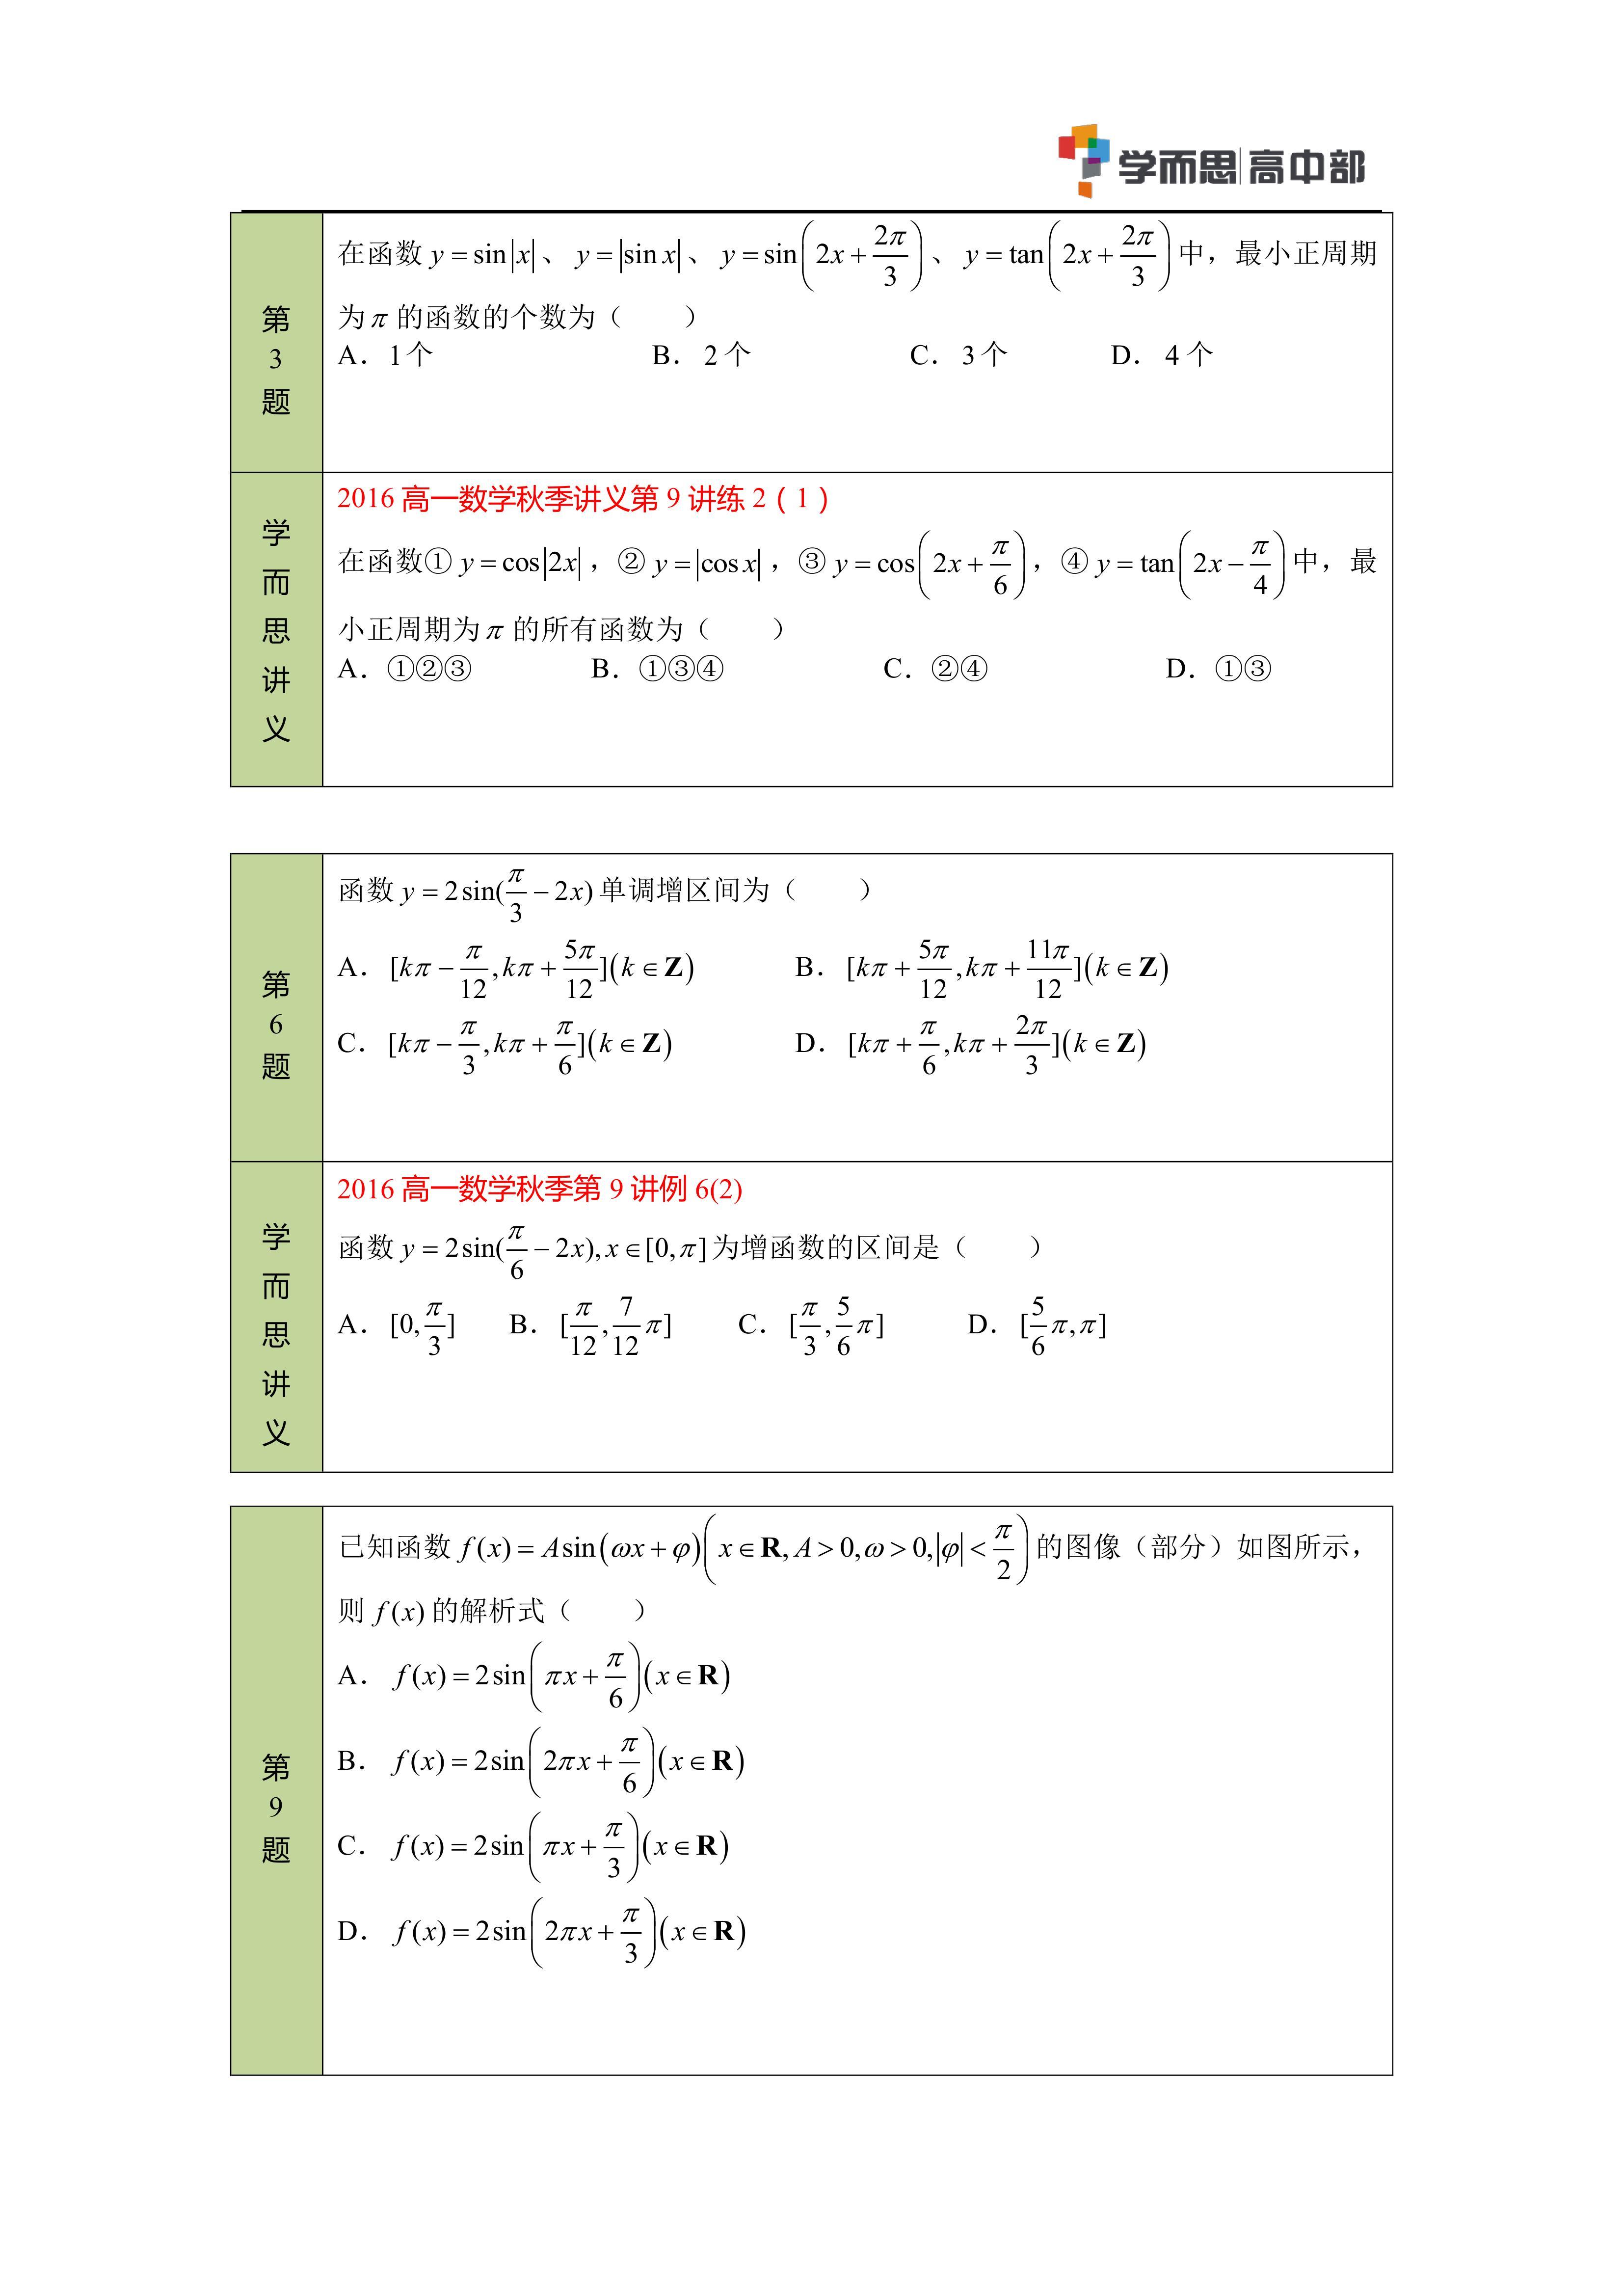 2016-2017学年武汉二中上学期期末数学试卷剖析0001.jpg